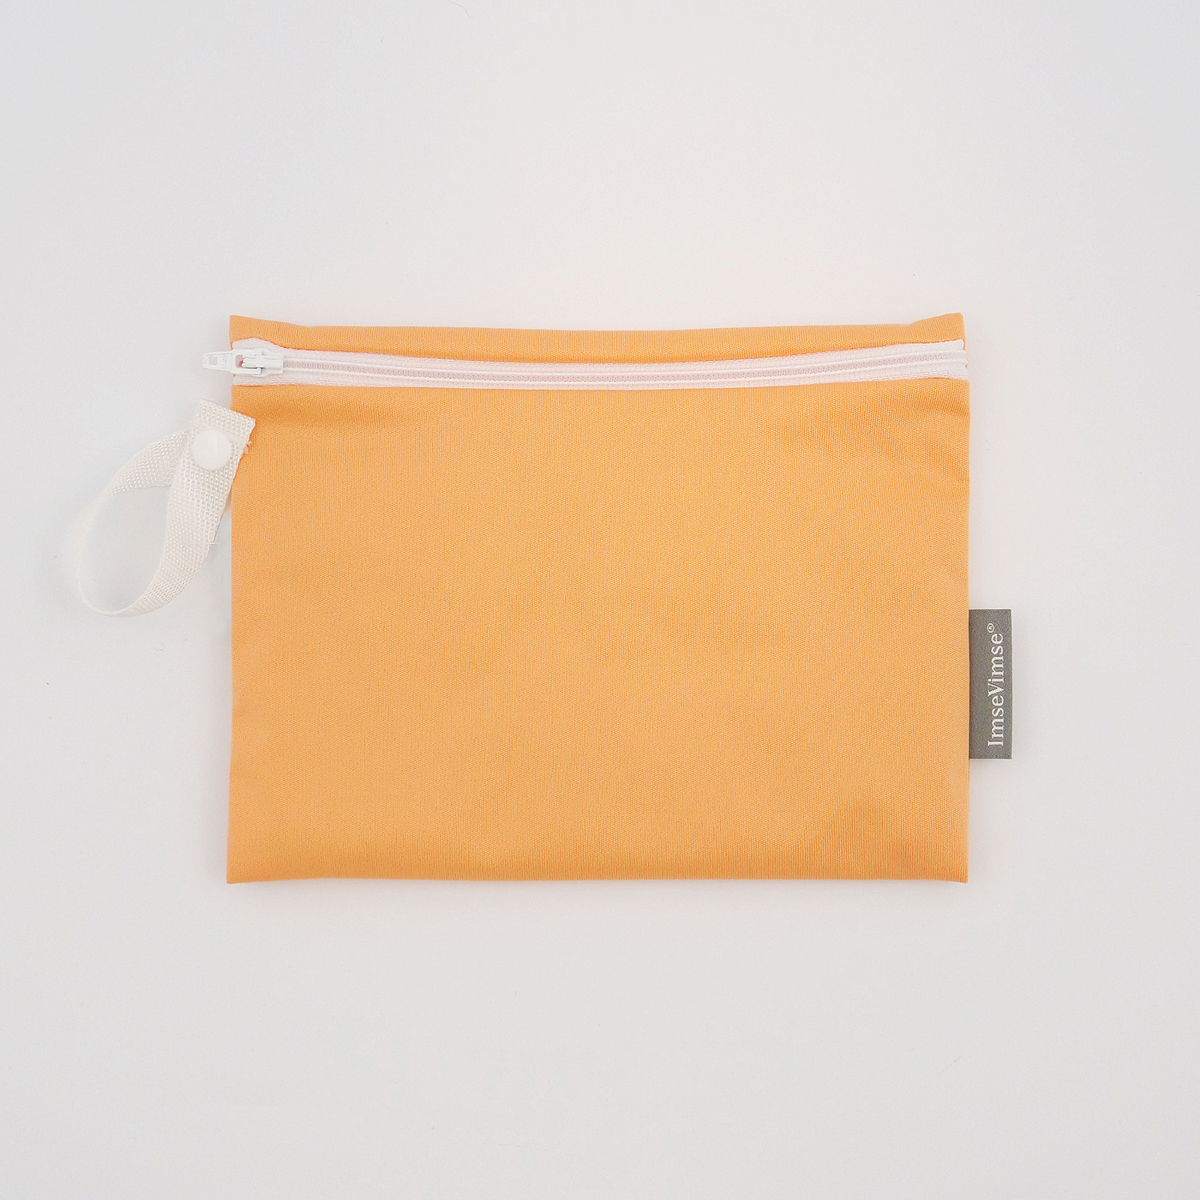 ImseVimse Mini Wet Bag/PUL-påse förvaringsficka peach